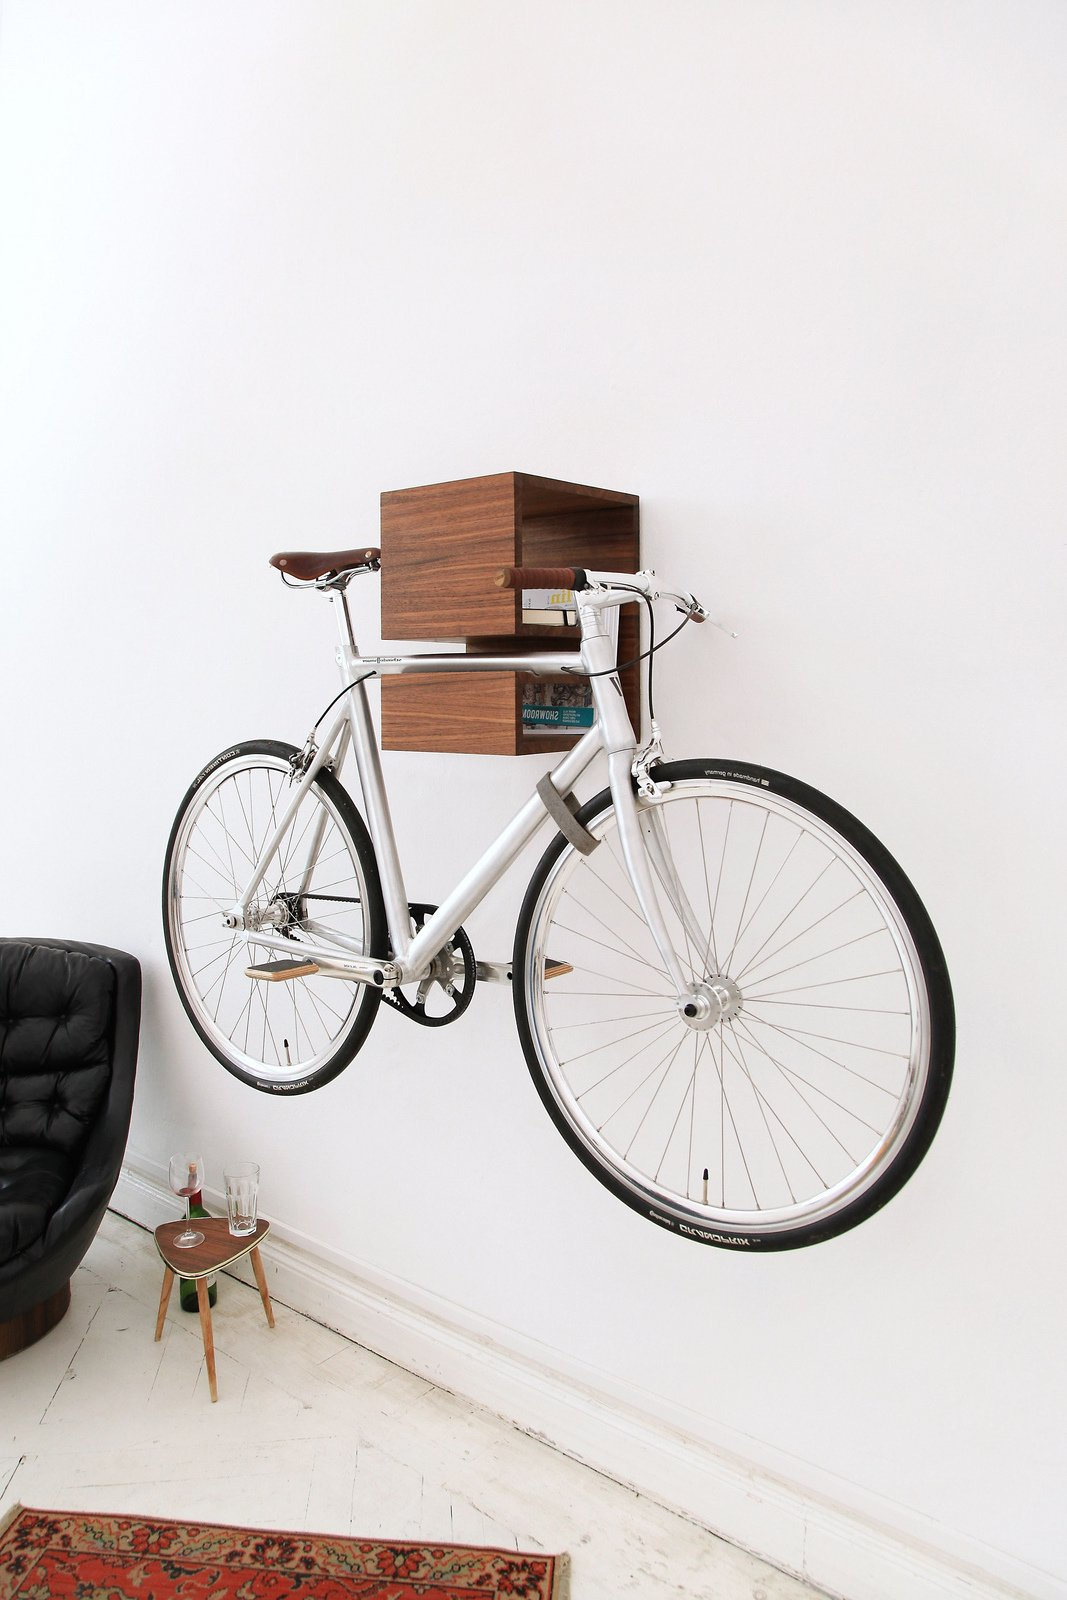 Fahrradhalterung Wand Holz 26 kreative ideen für fahrradhalterung für wand anleitung deko